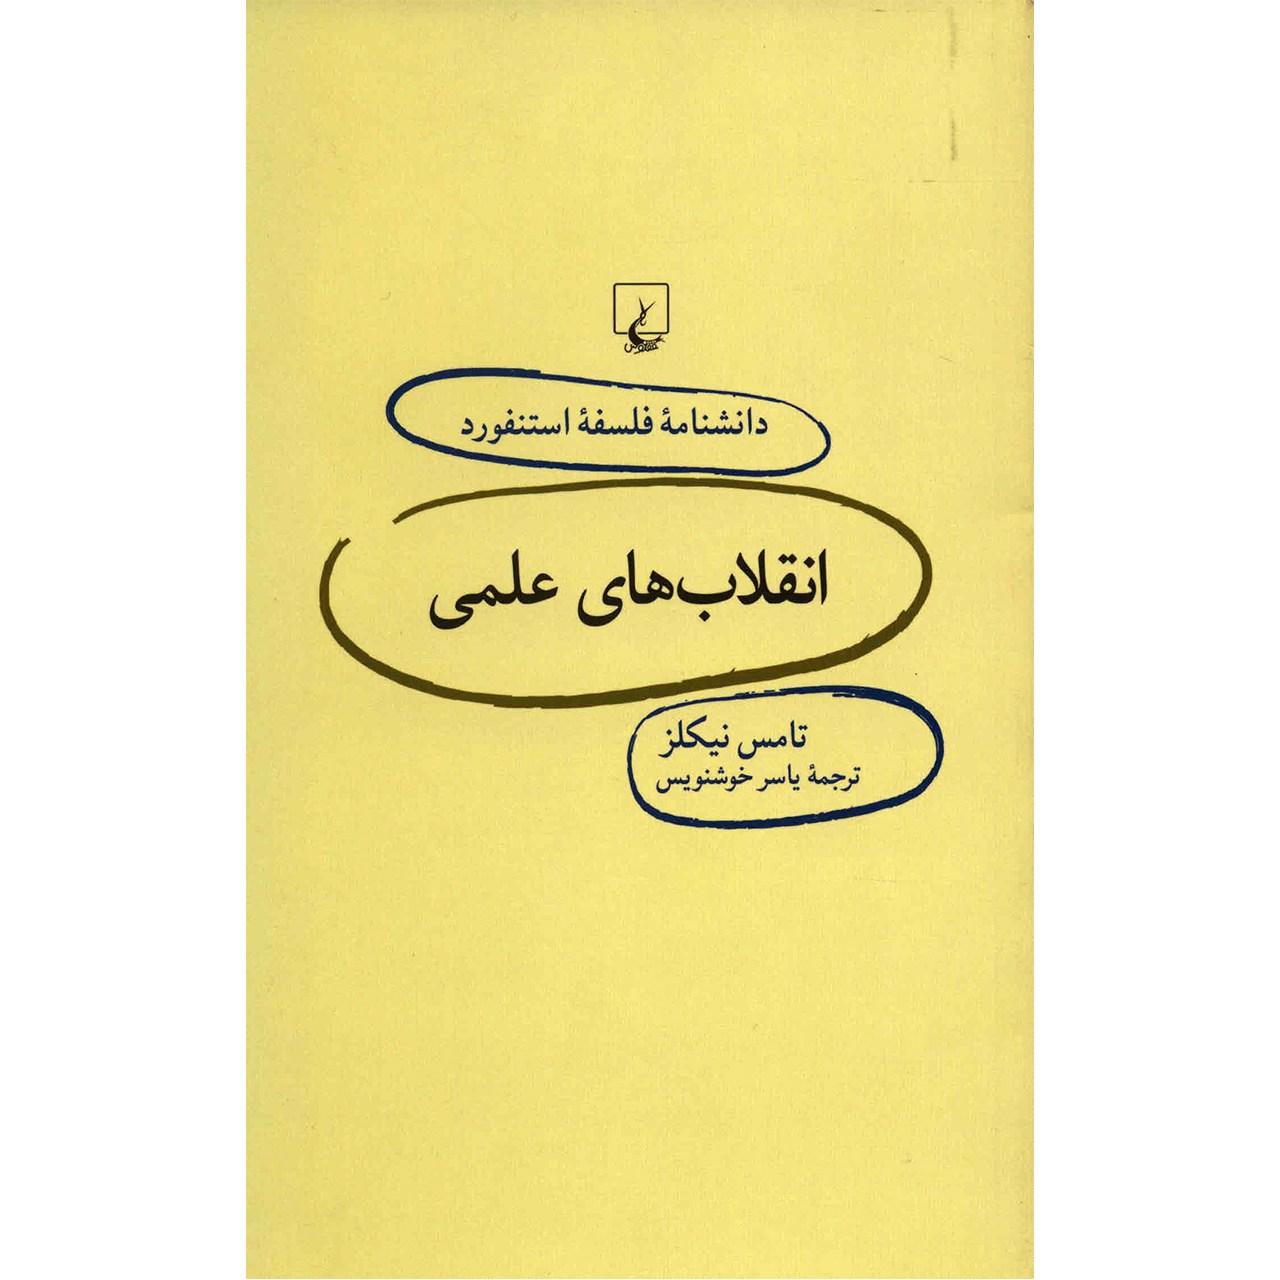 خرید                      کتاب انقلاب های علمی اثر تامس نیکلز